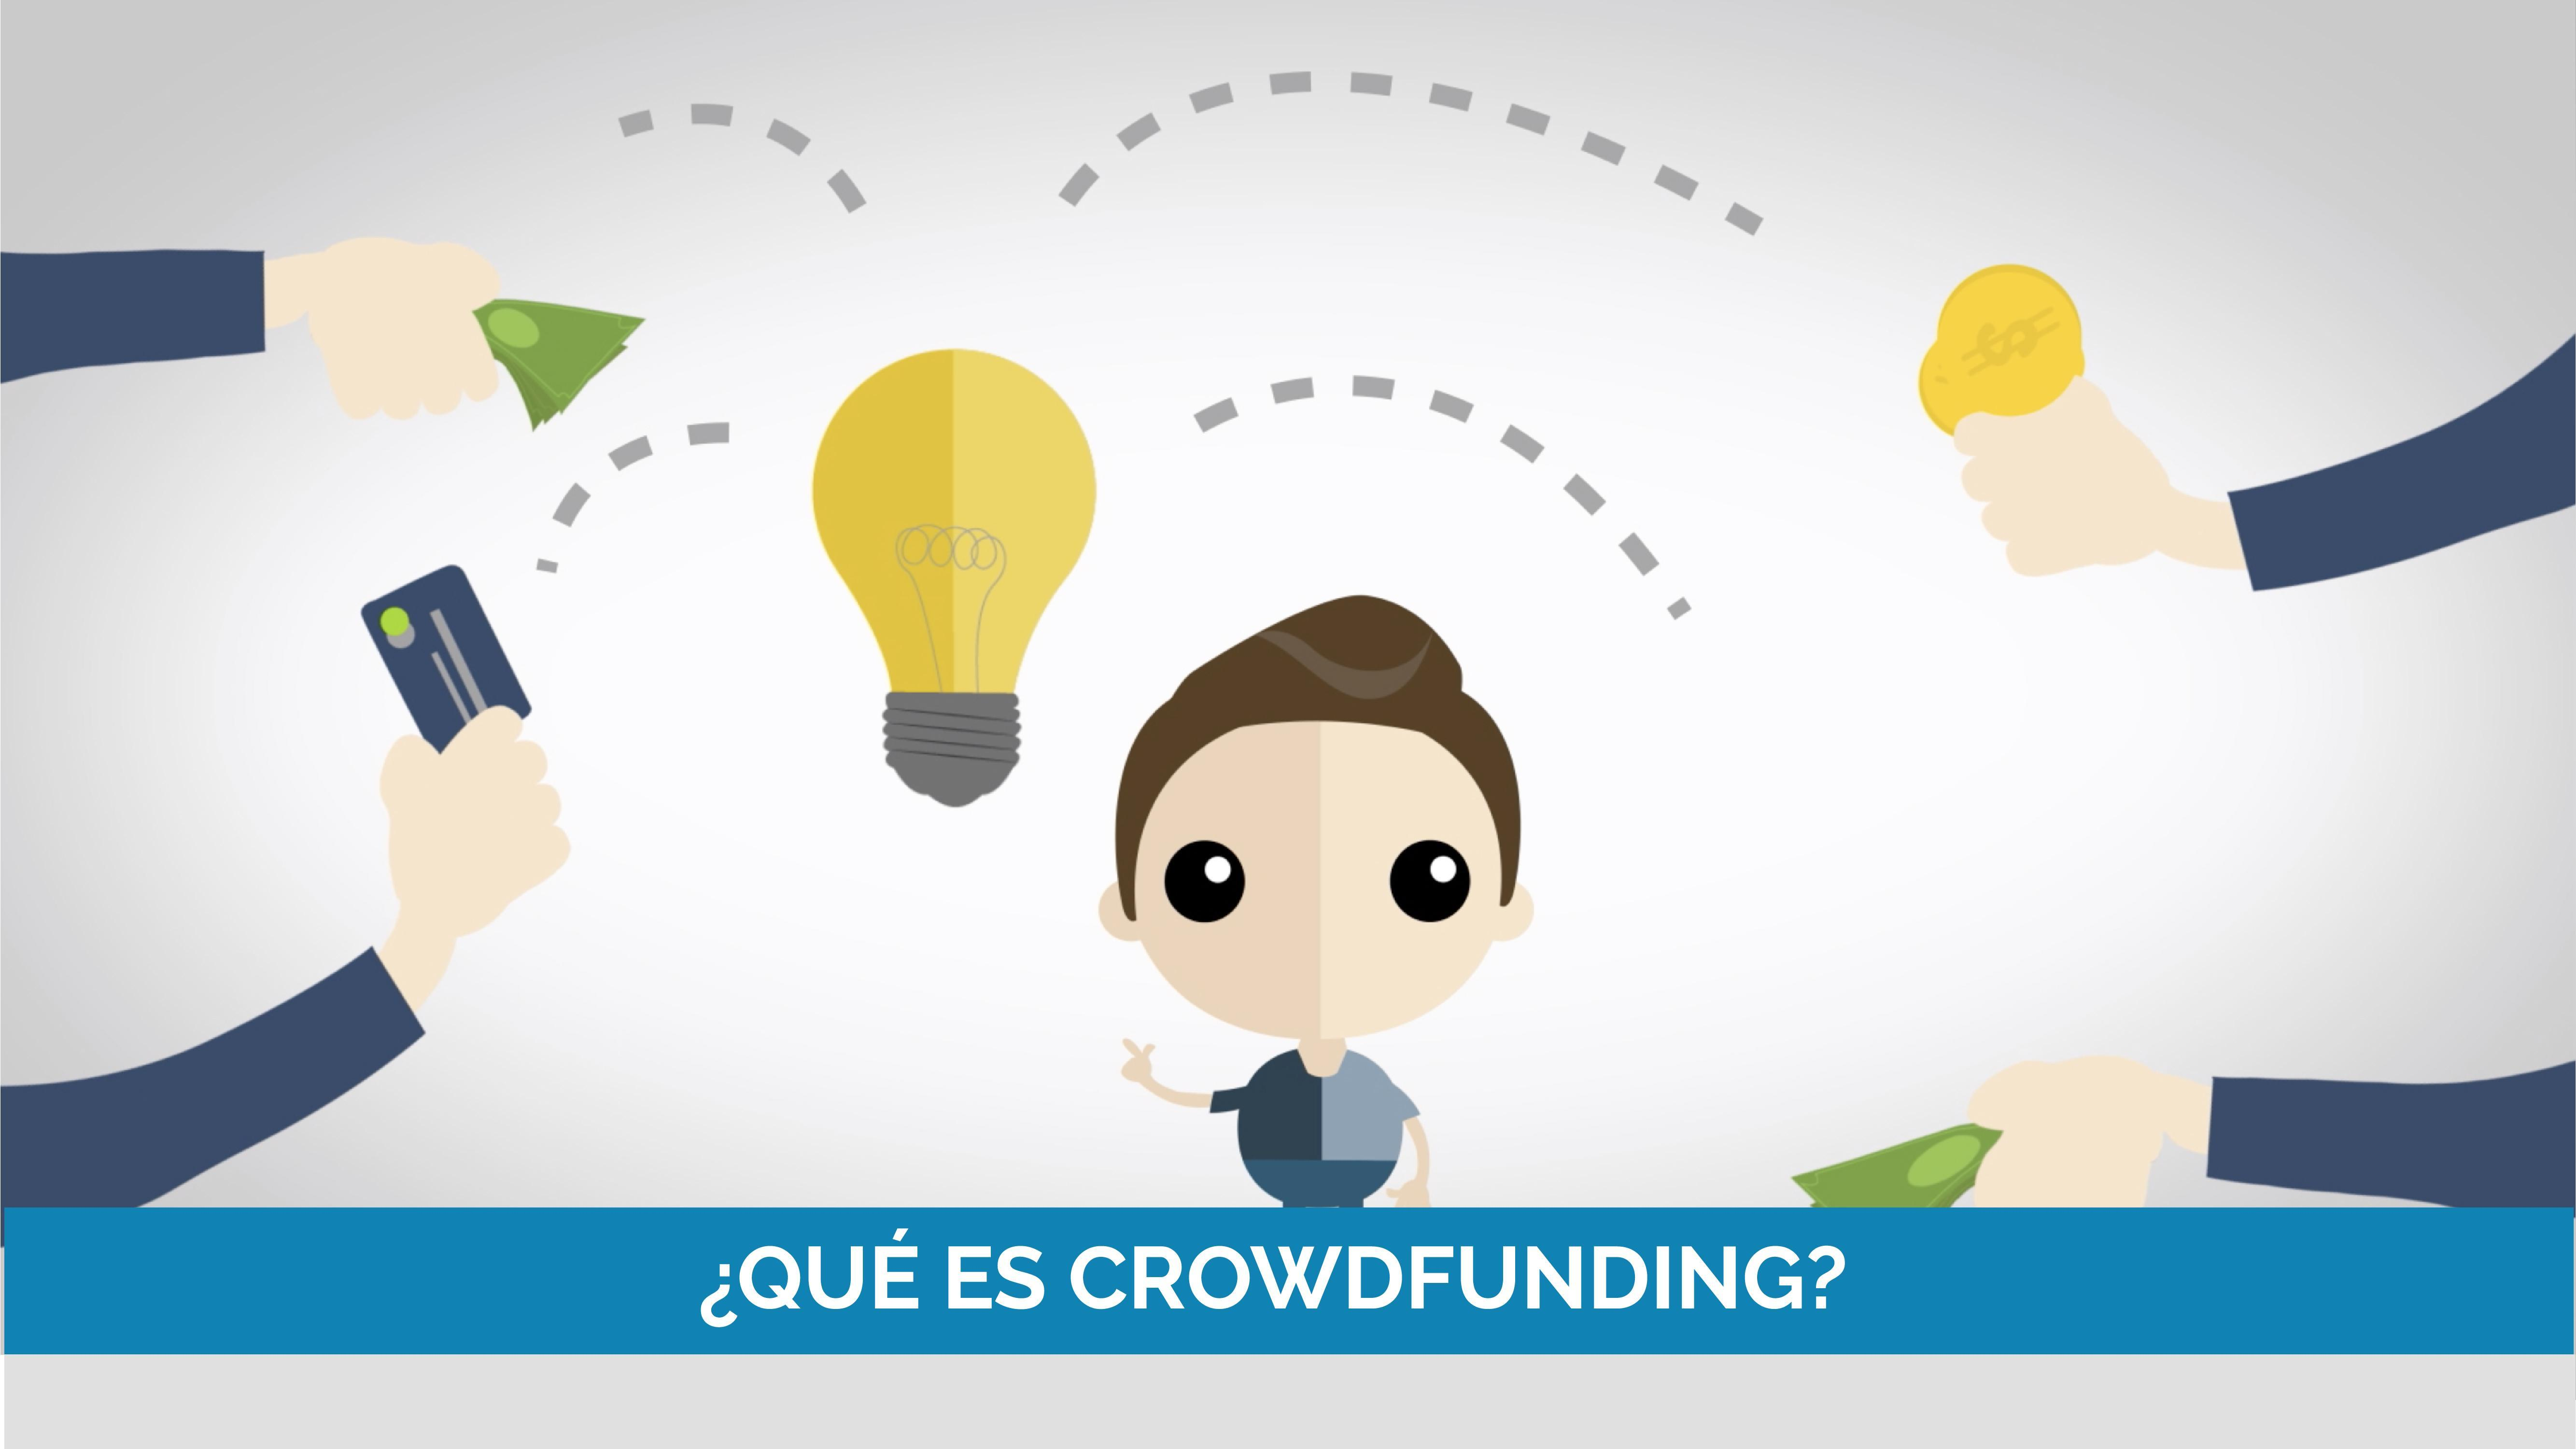 ¿Qué es un crowdfunding?